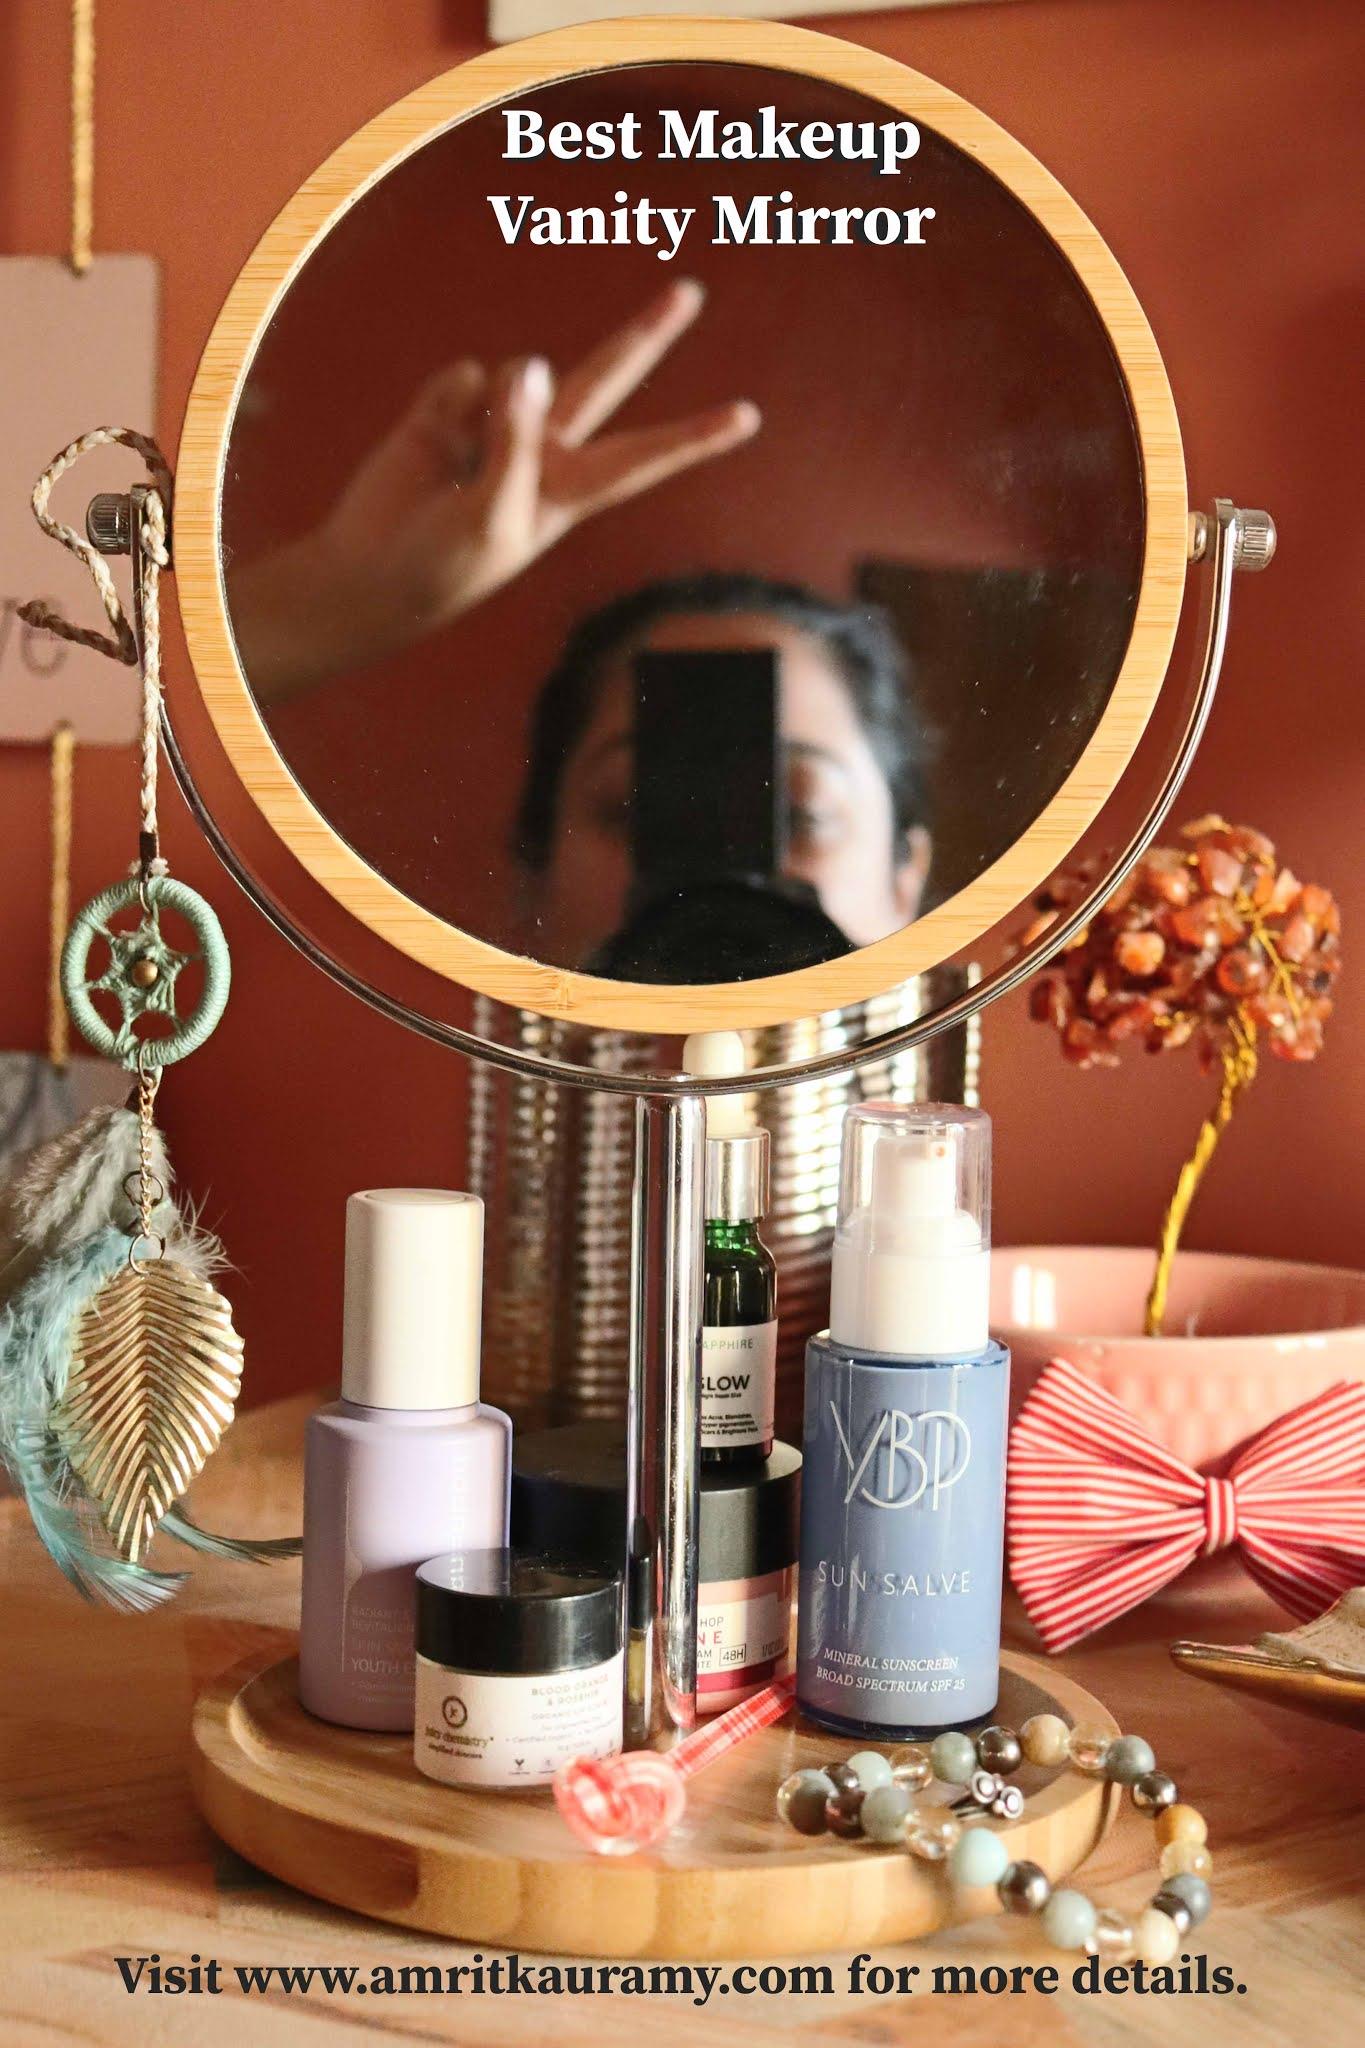 Best Makeup Mirror - Home Centre | Pinterest